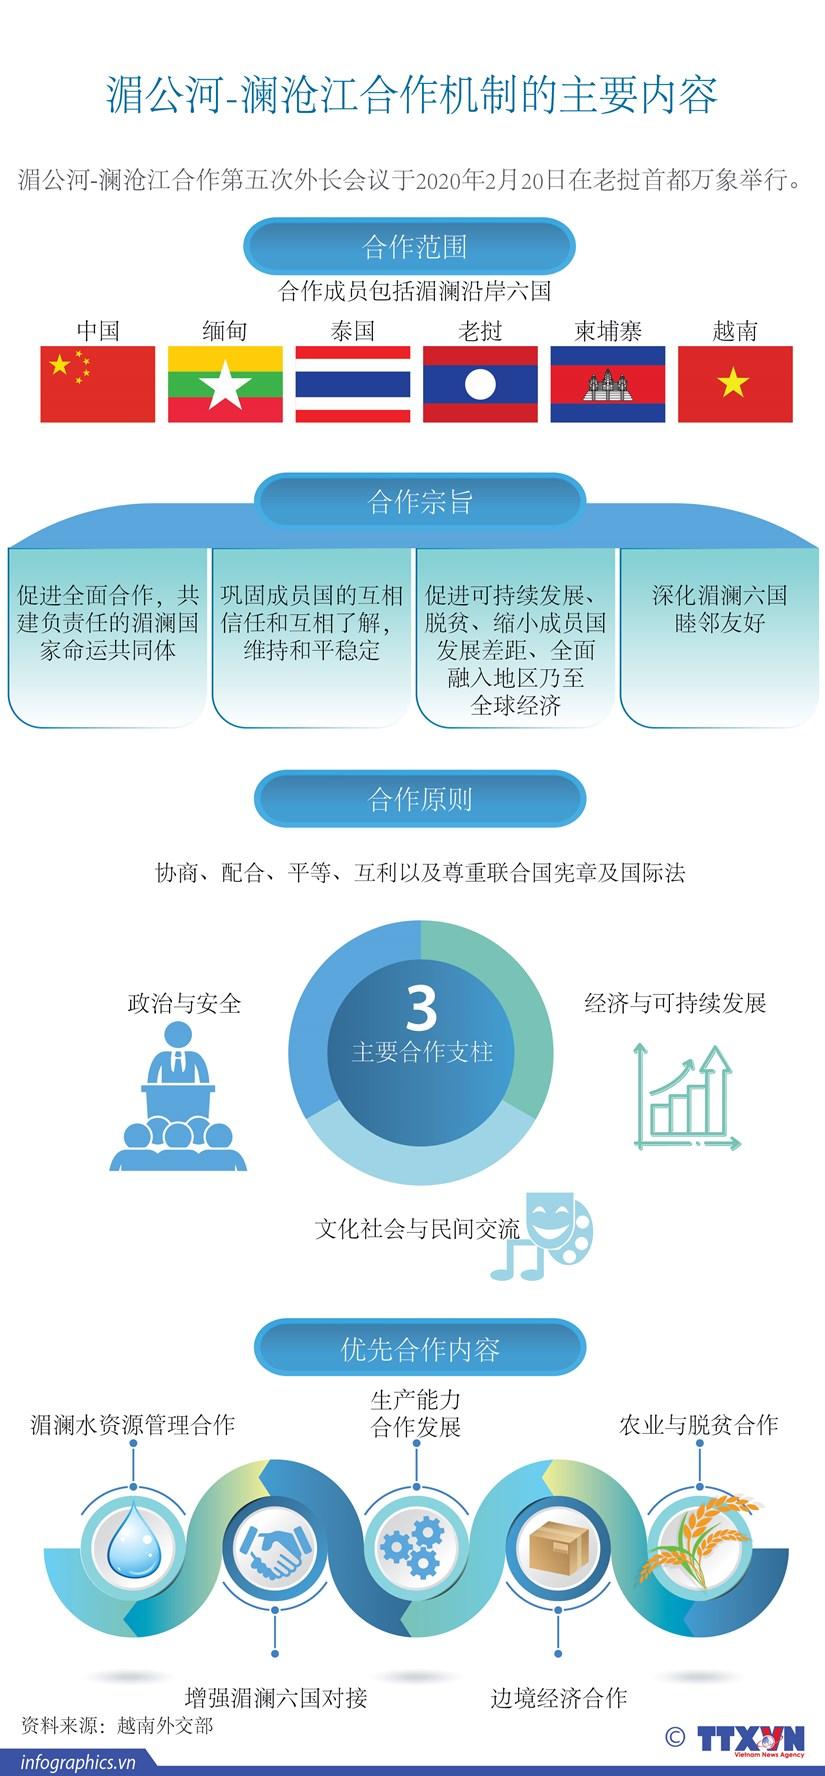 图表新闻:湄公河-澜沧江合作机制的主要内容 hinh anh 1